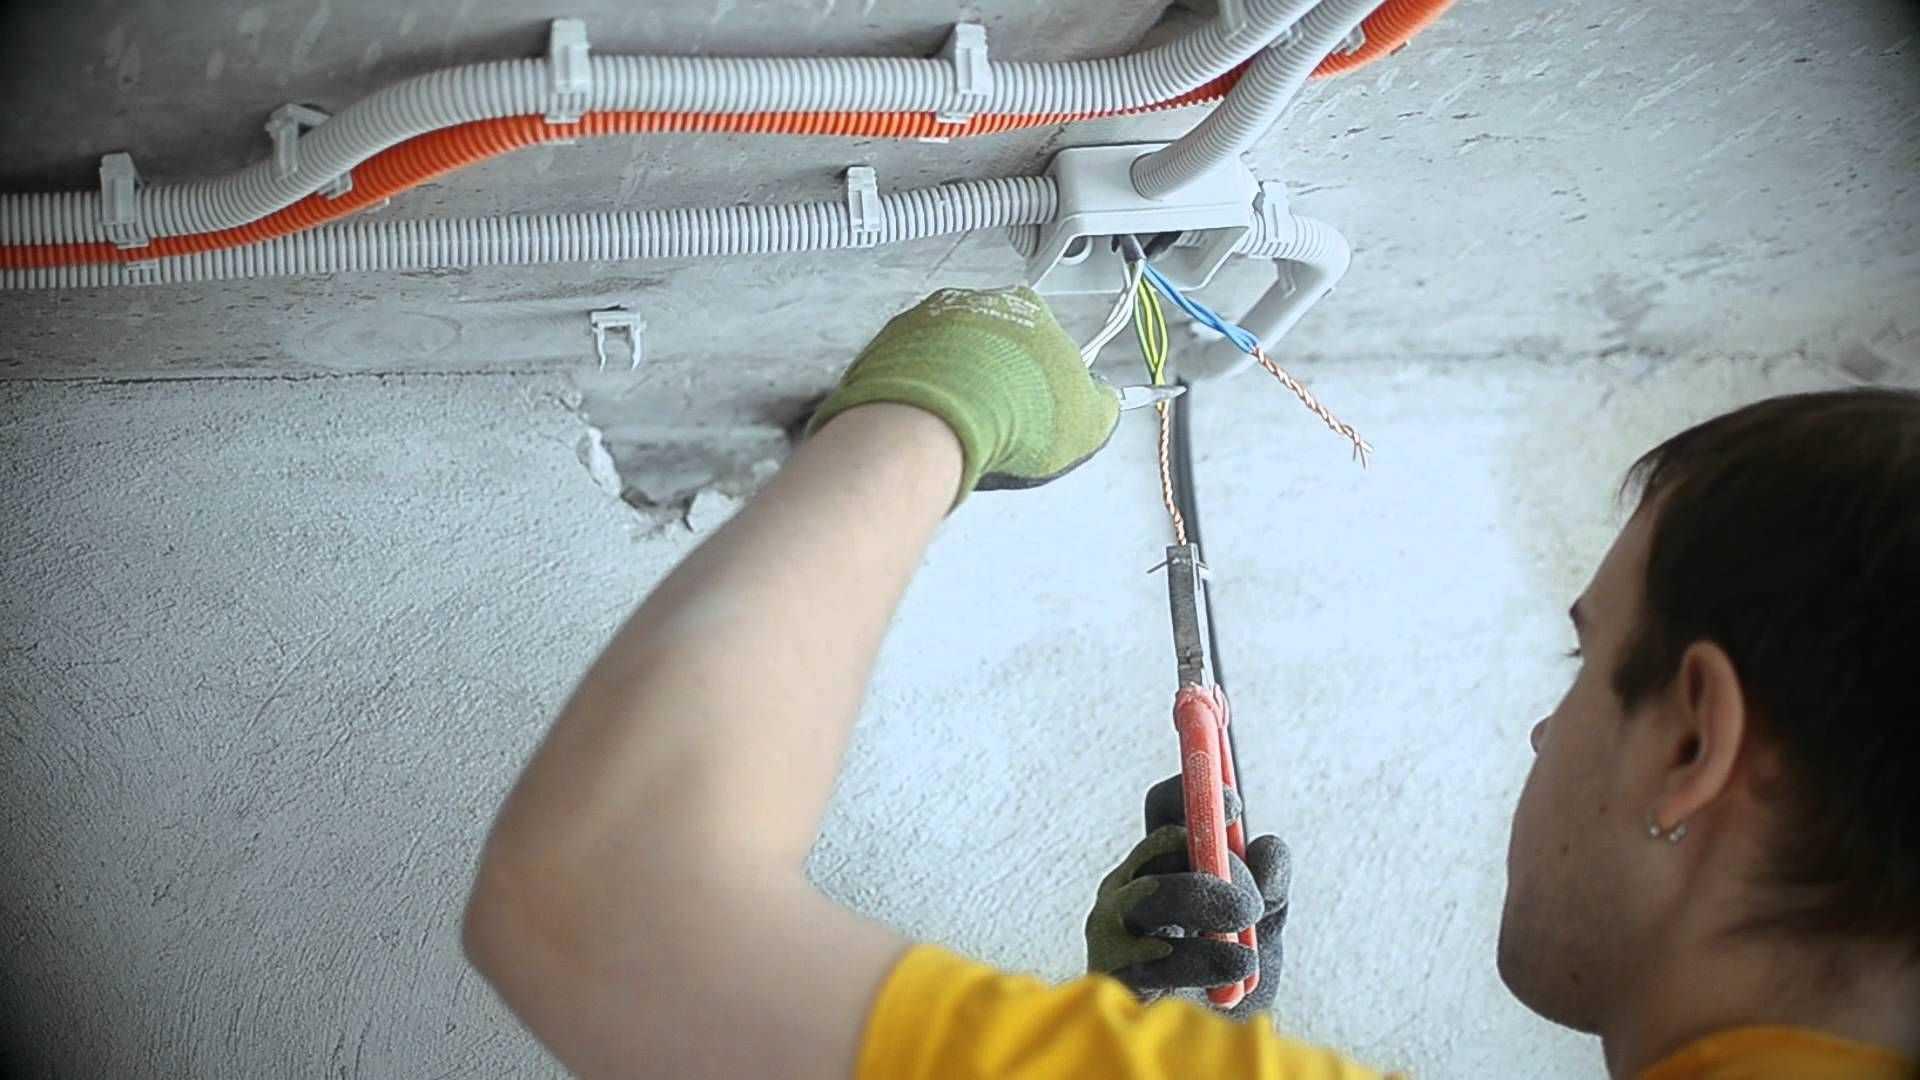 Монтаж электропроводки своими руками — пошаговая инструкция и подробное описание как уложить электропроводку (105 фото   видео)